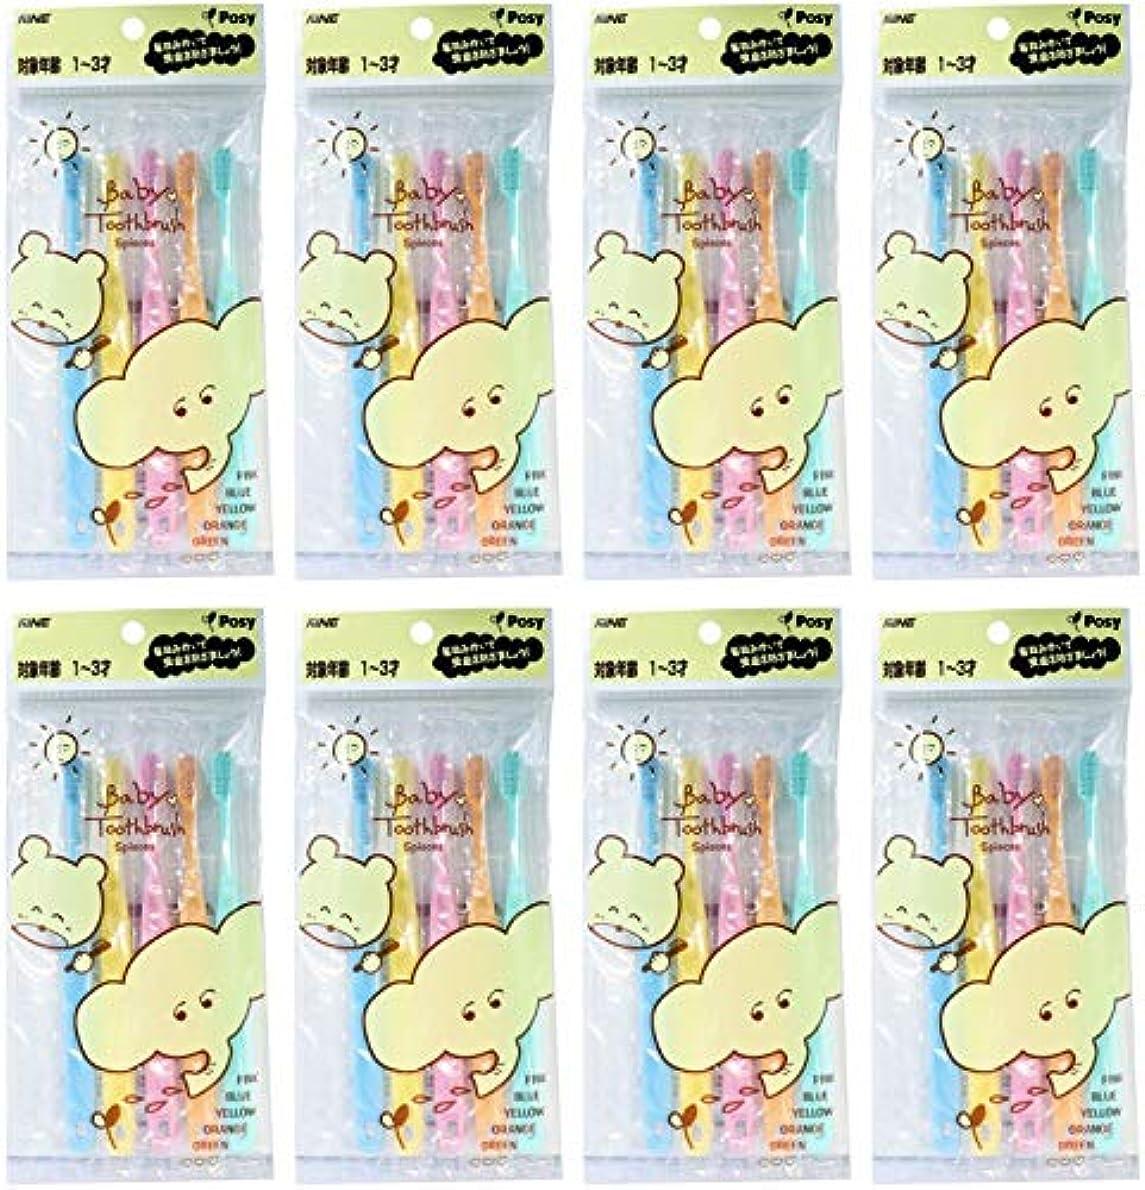 バイパス雨のジョガー【まとめ買い】FINE ポージィ ベビーハブラシ 5本組【×8個】